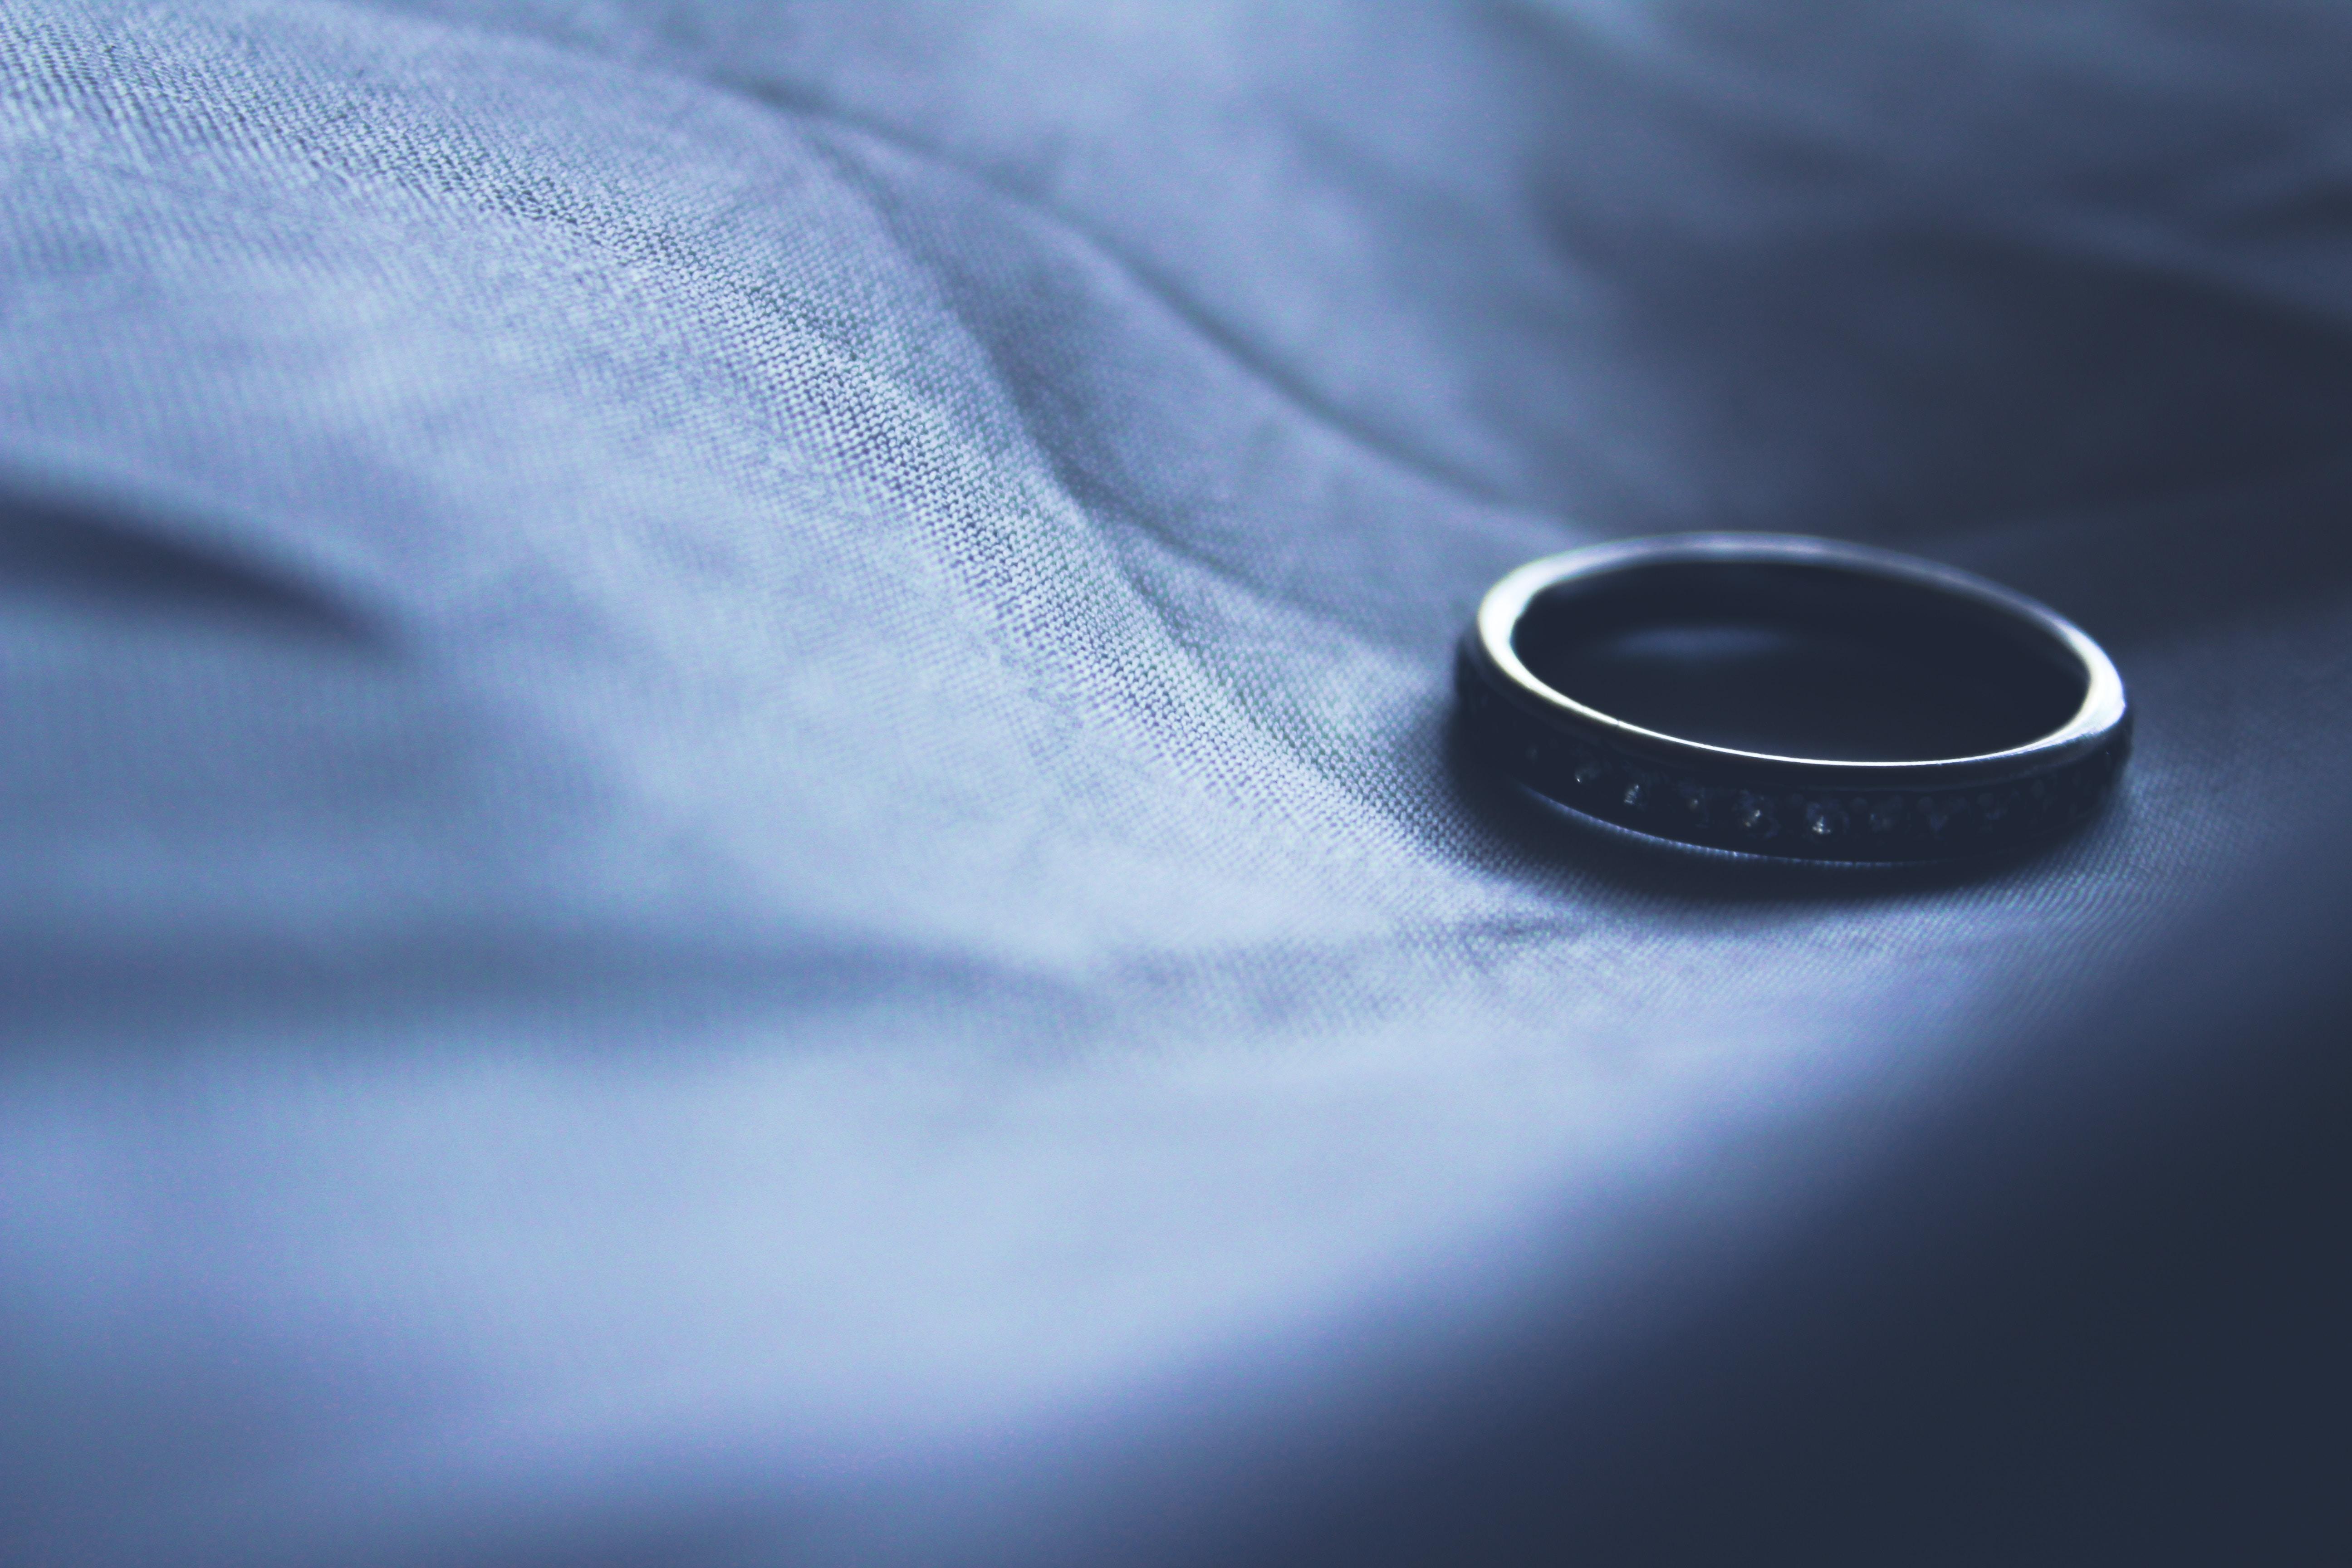 離婚した夢は何のサイン?離婚した夢の意味を調査